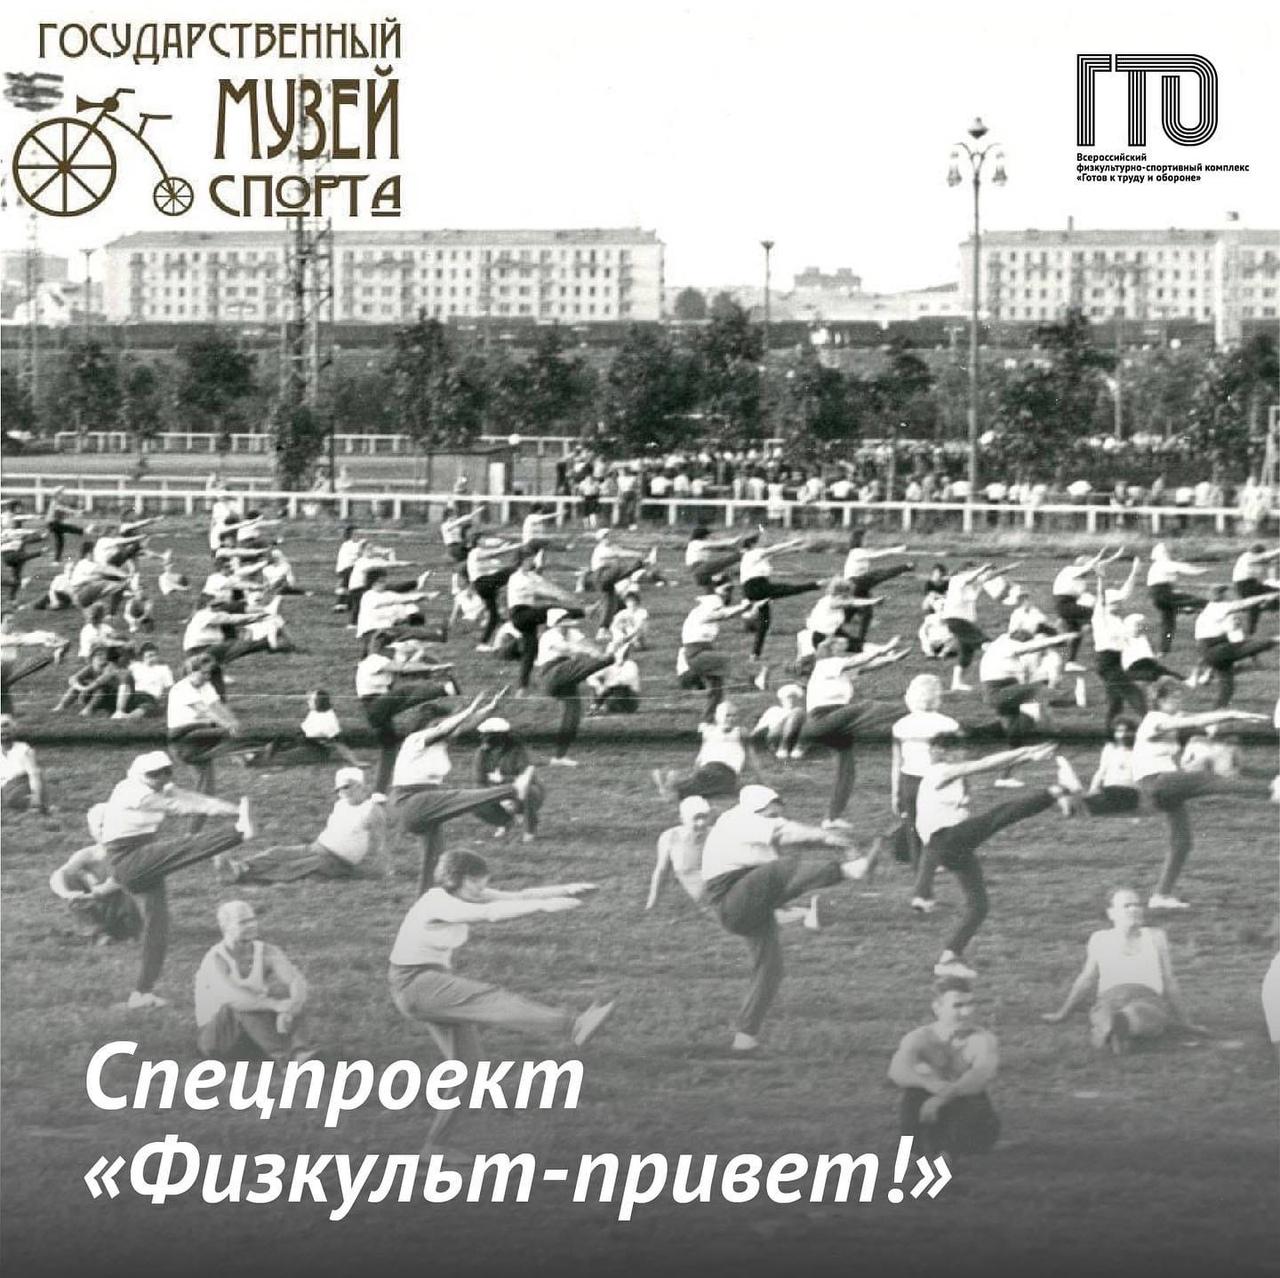 Многоборье ГТО в СССР